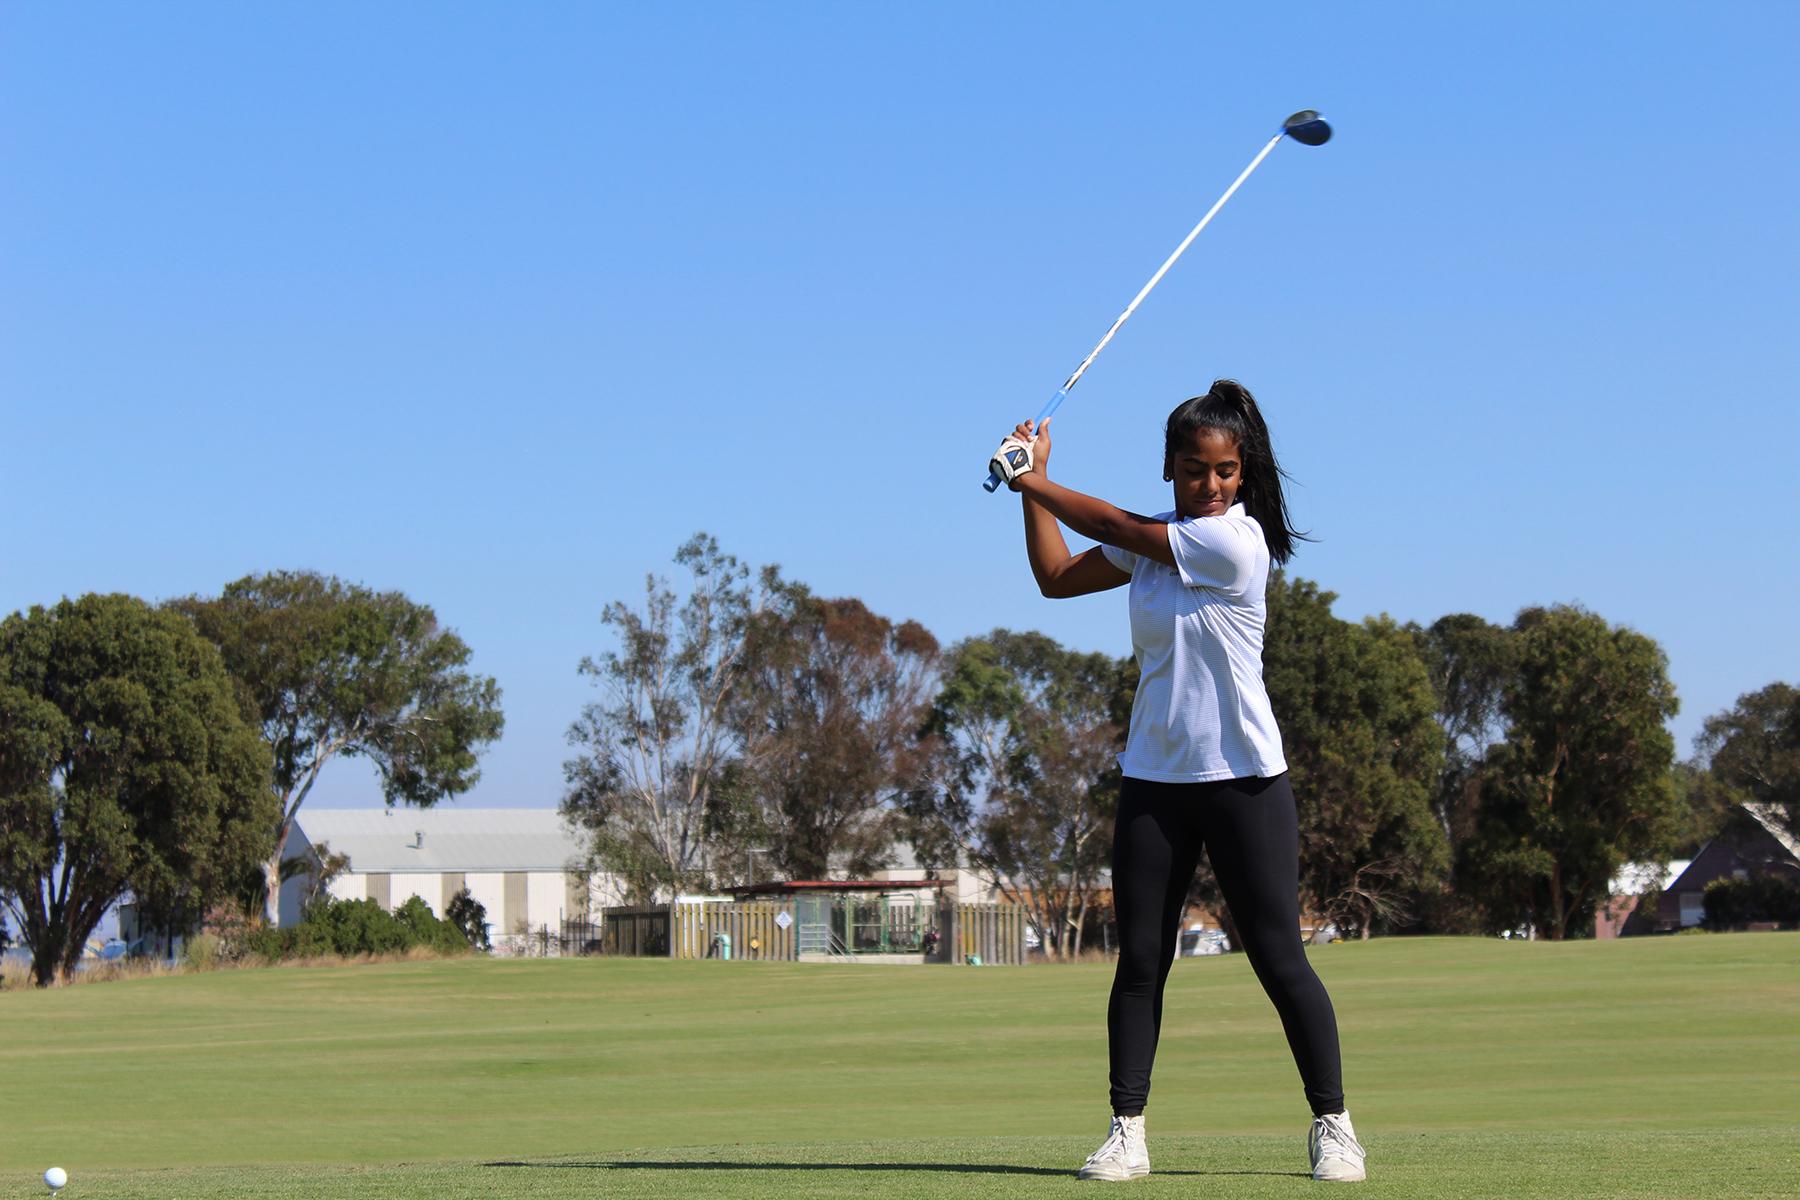 ピラティスで肩の可動域を広げて美しいゴルフスイングをしよう